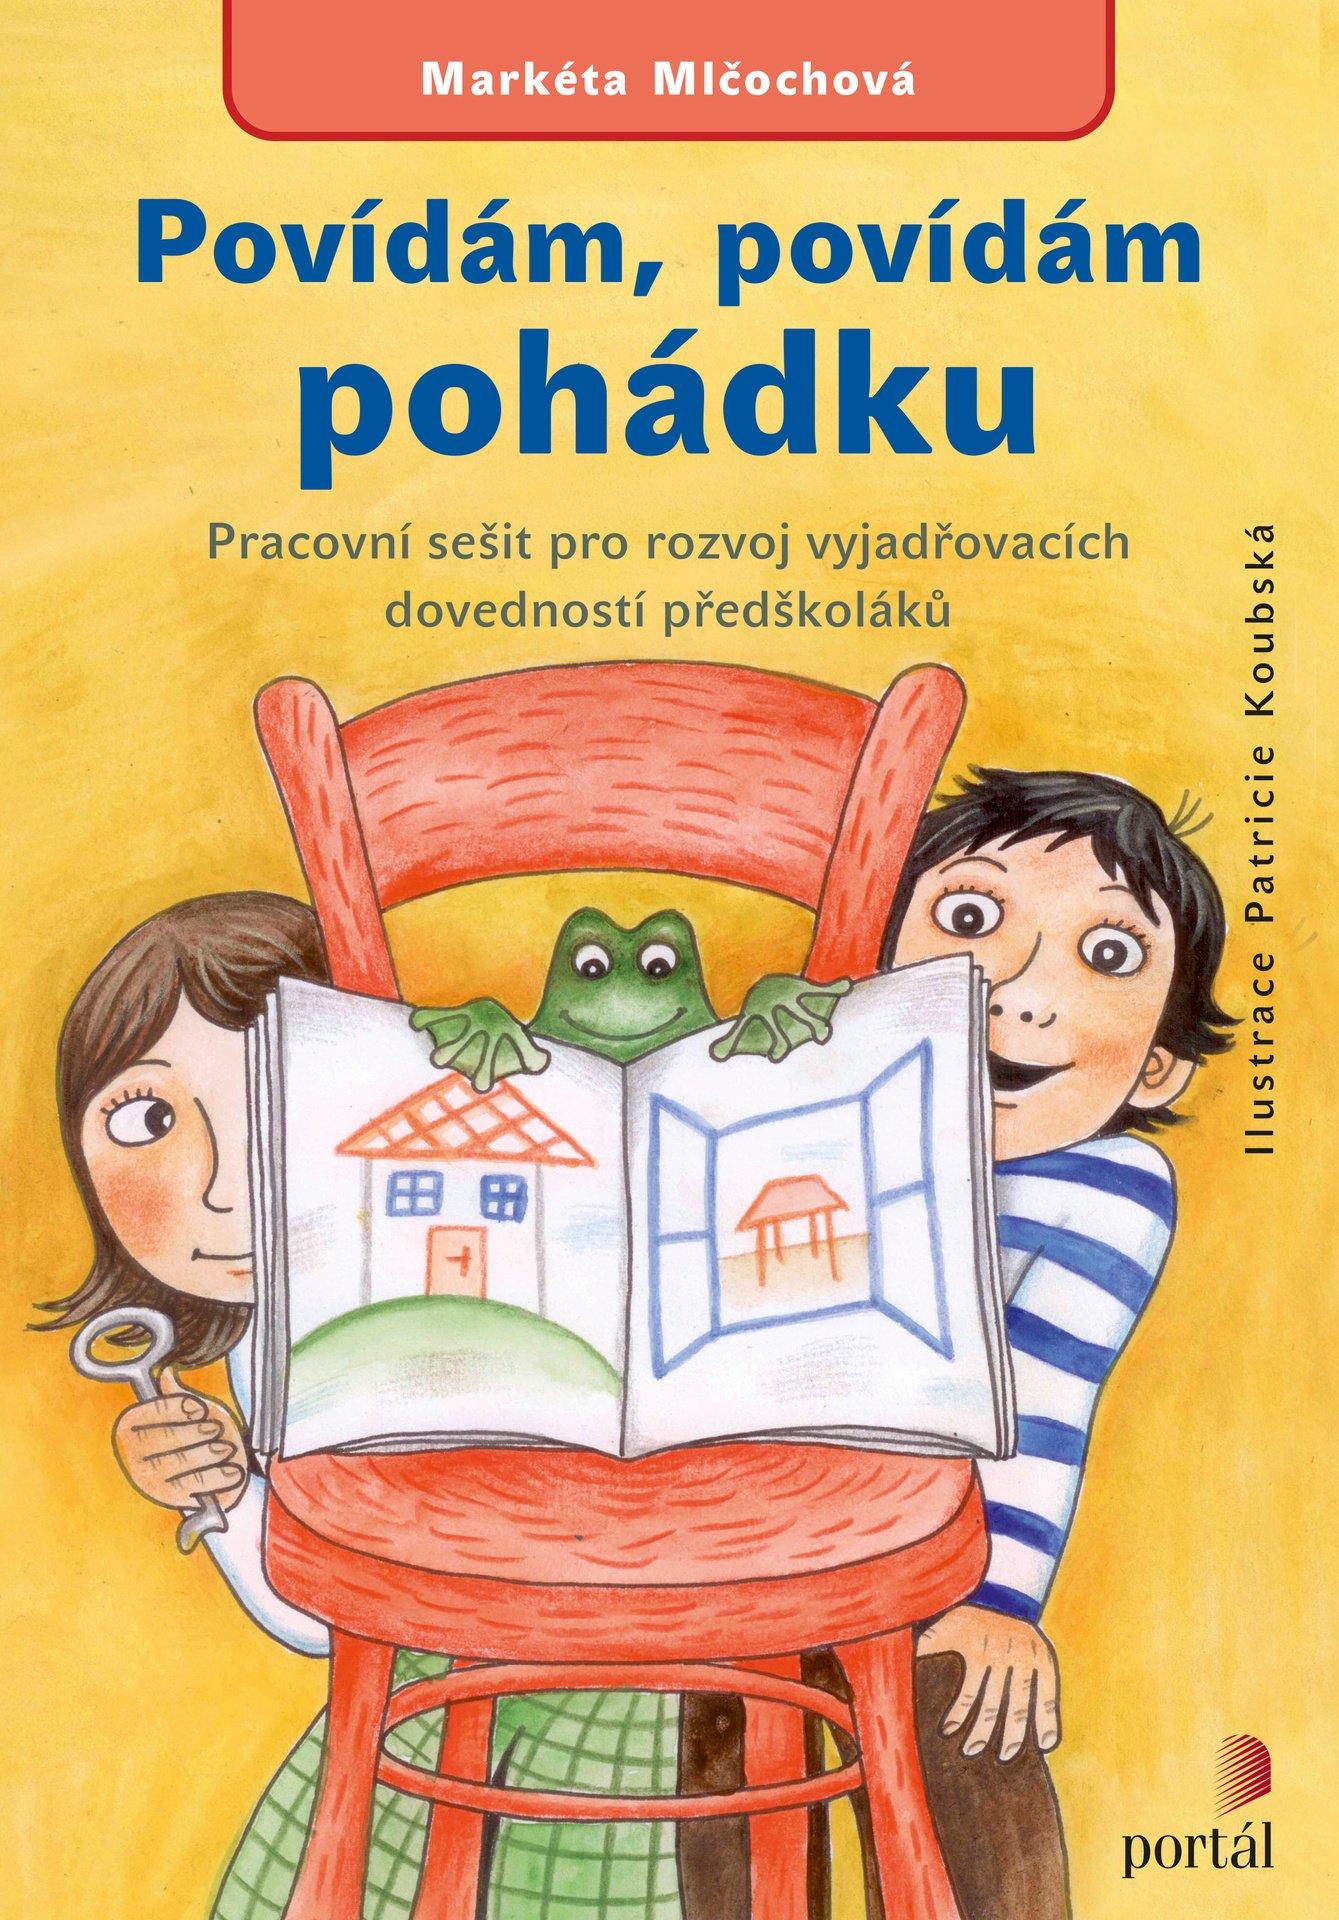 povídám, povídám, pohádku, Markéta Mlčochová, rozvoj vyjadřovacích dovedností předškoláků